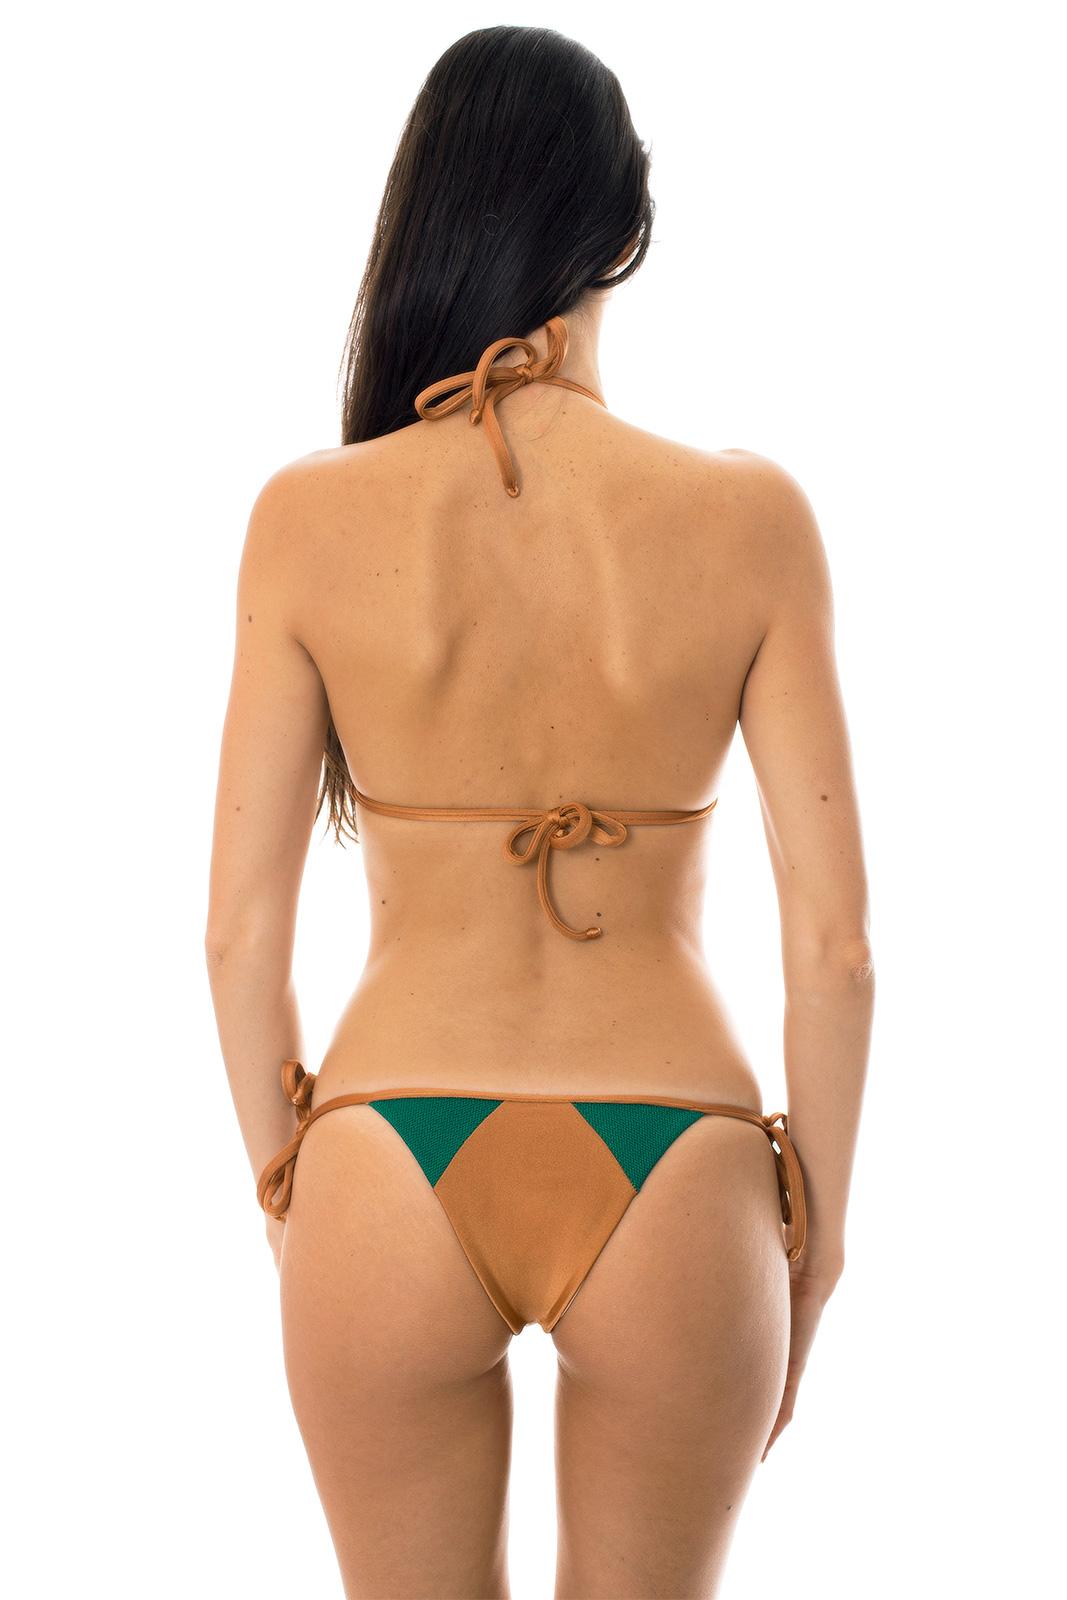 Copper brazillian bikini